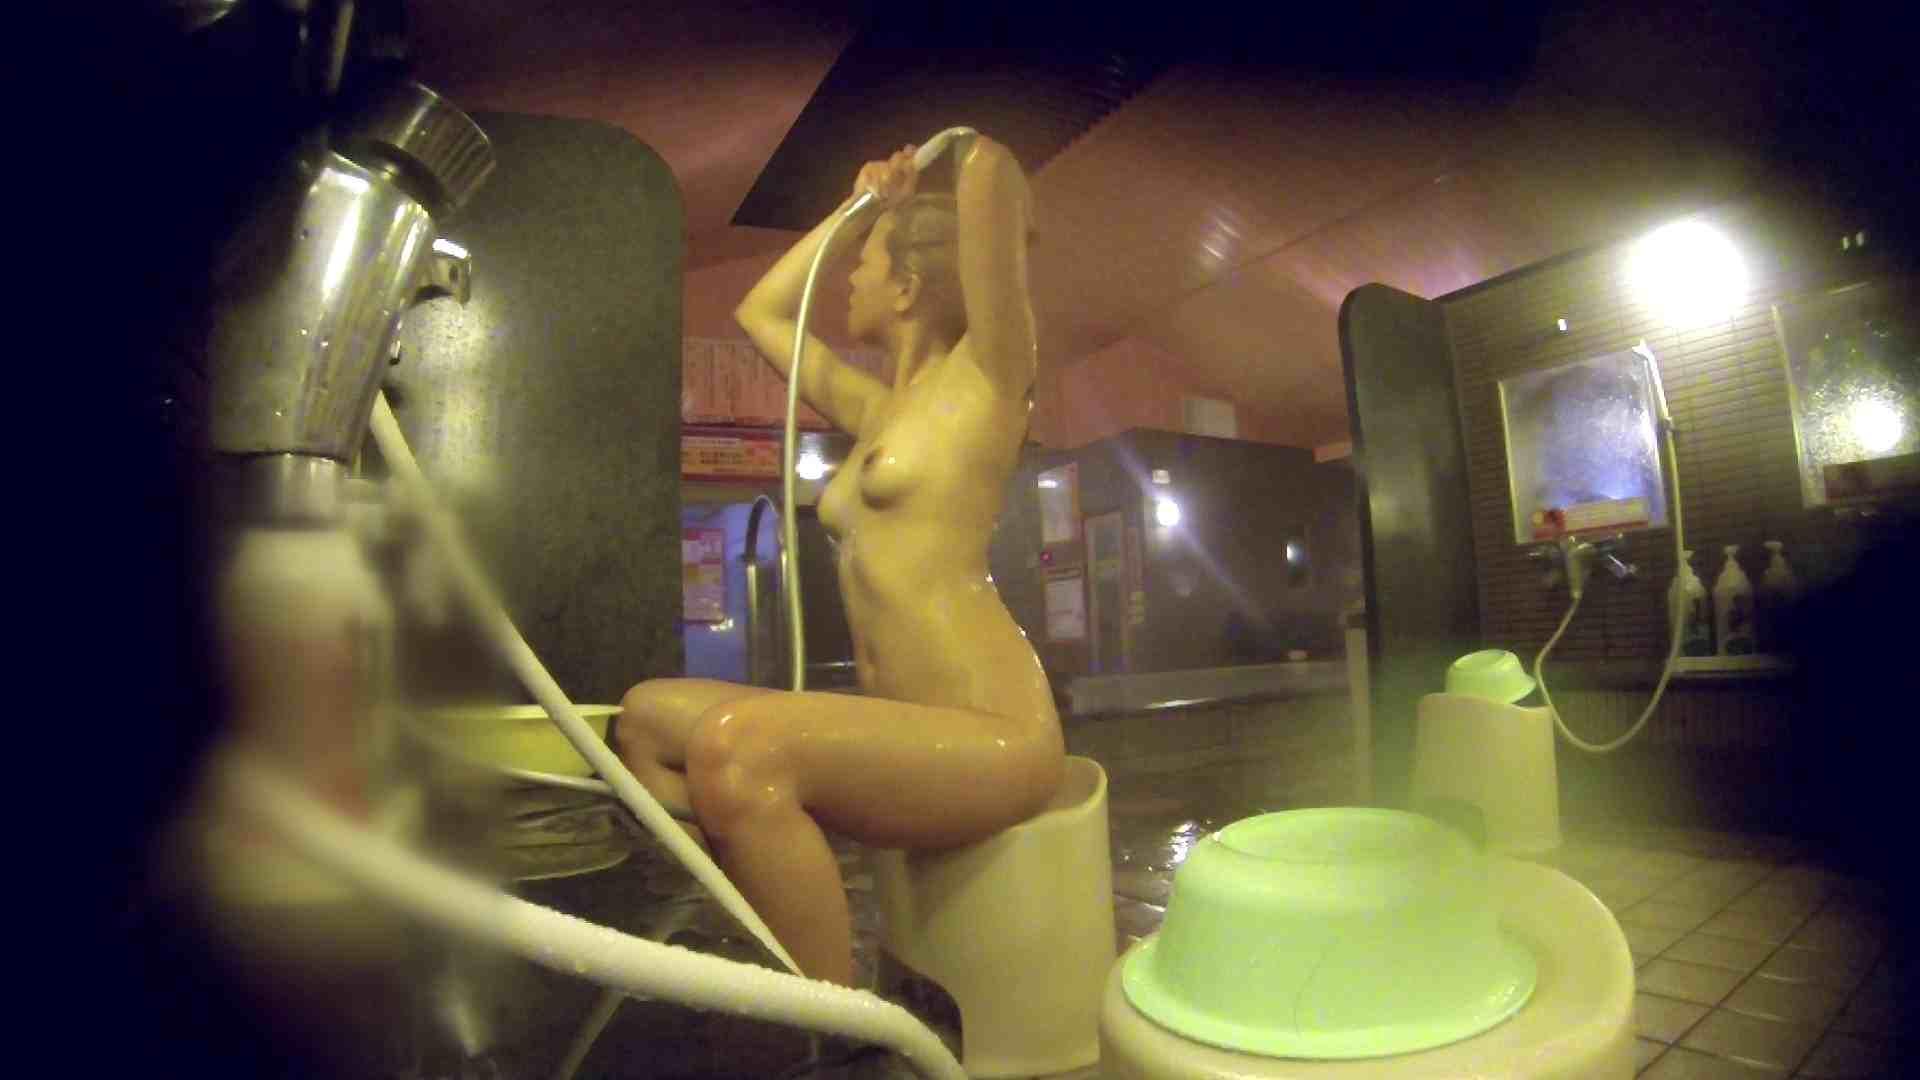 洗い場!意外に今までいなかった金髪ギャル 銭湯事情 エロ画像 94枚 77